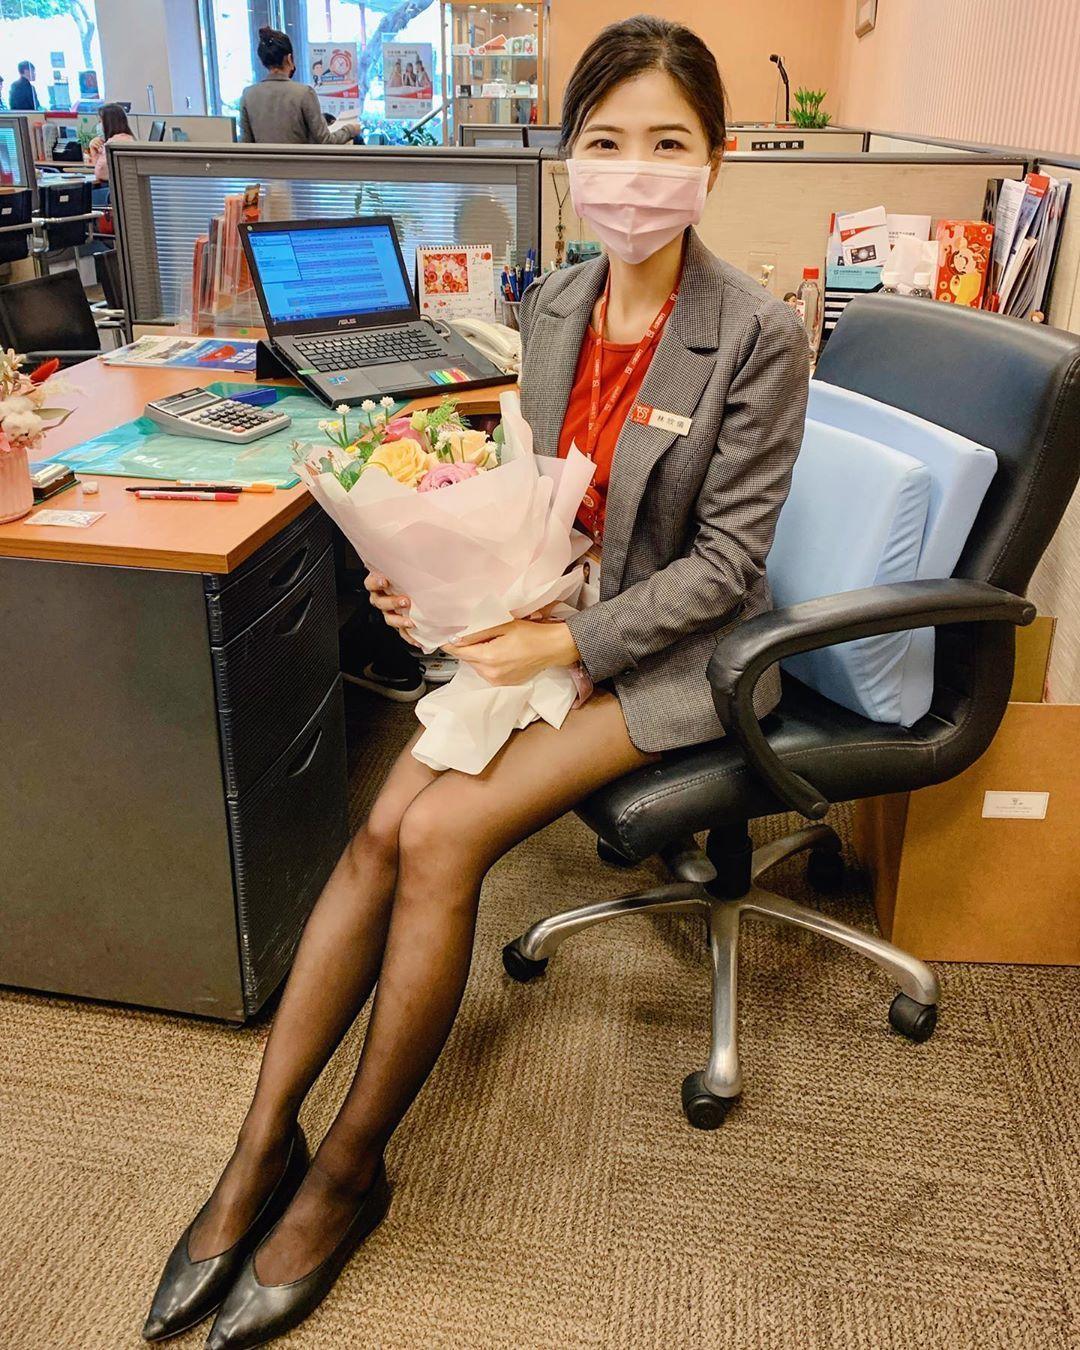 台北银行理财专员林小欣沙滩展示极品身材超凶猛 养眼图片 第3张